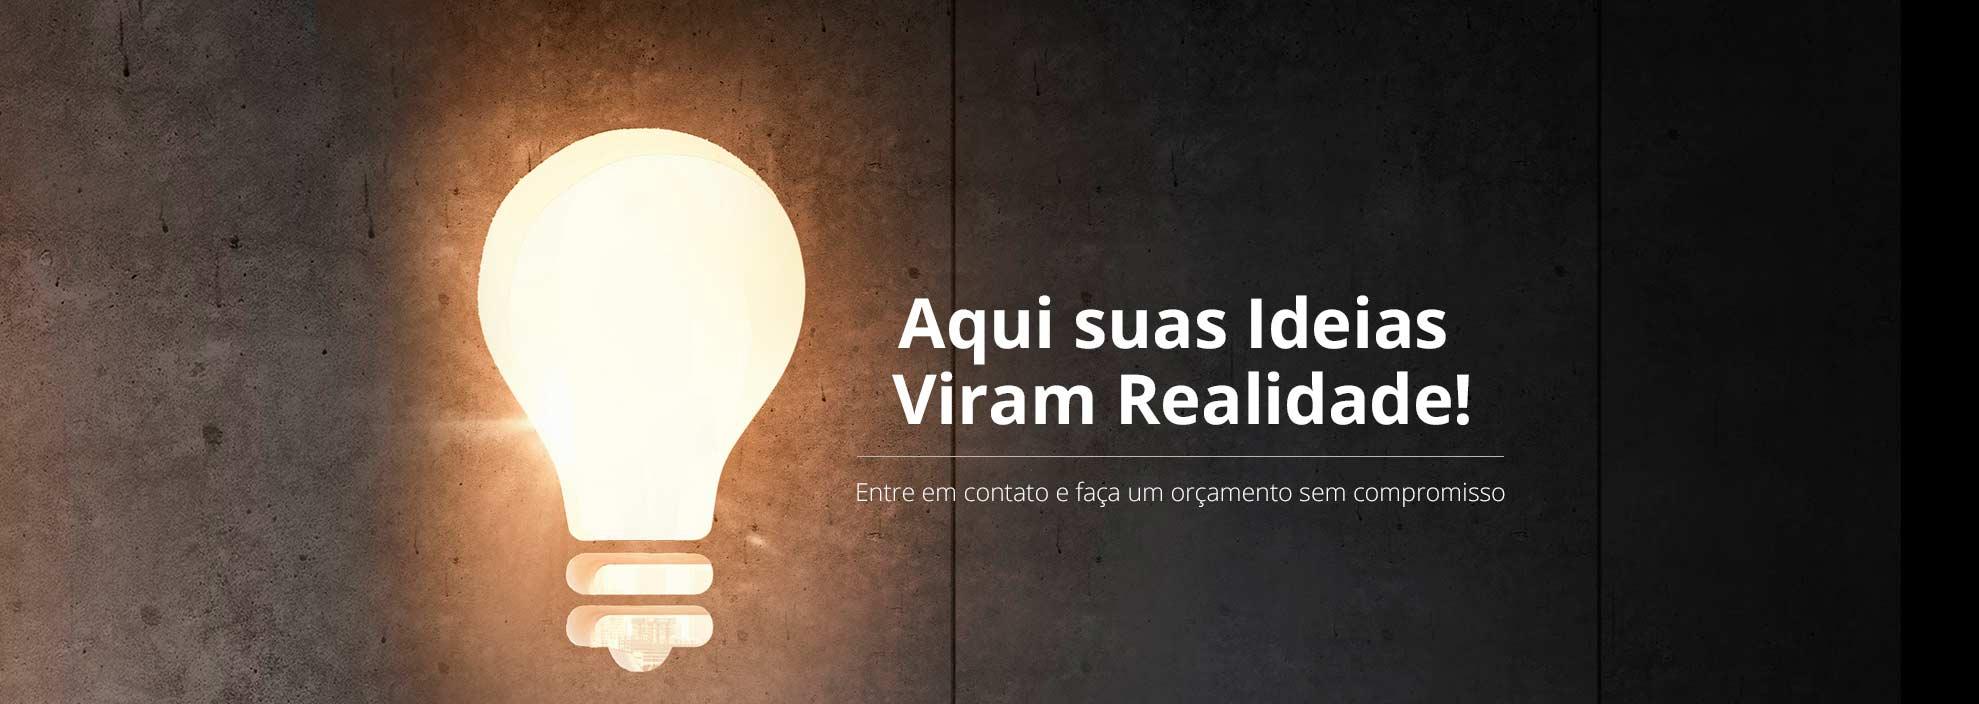 Web4business - Soluções para suas Ideias!